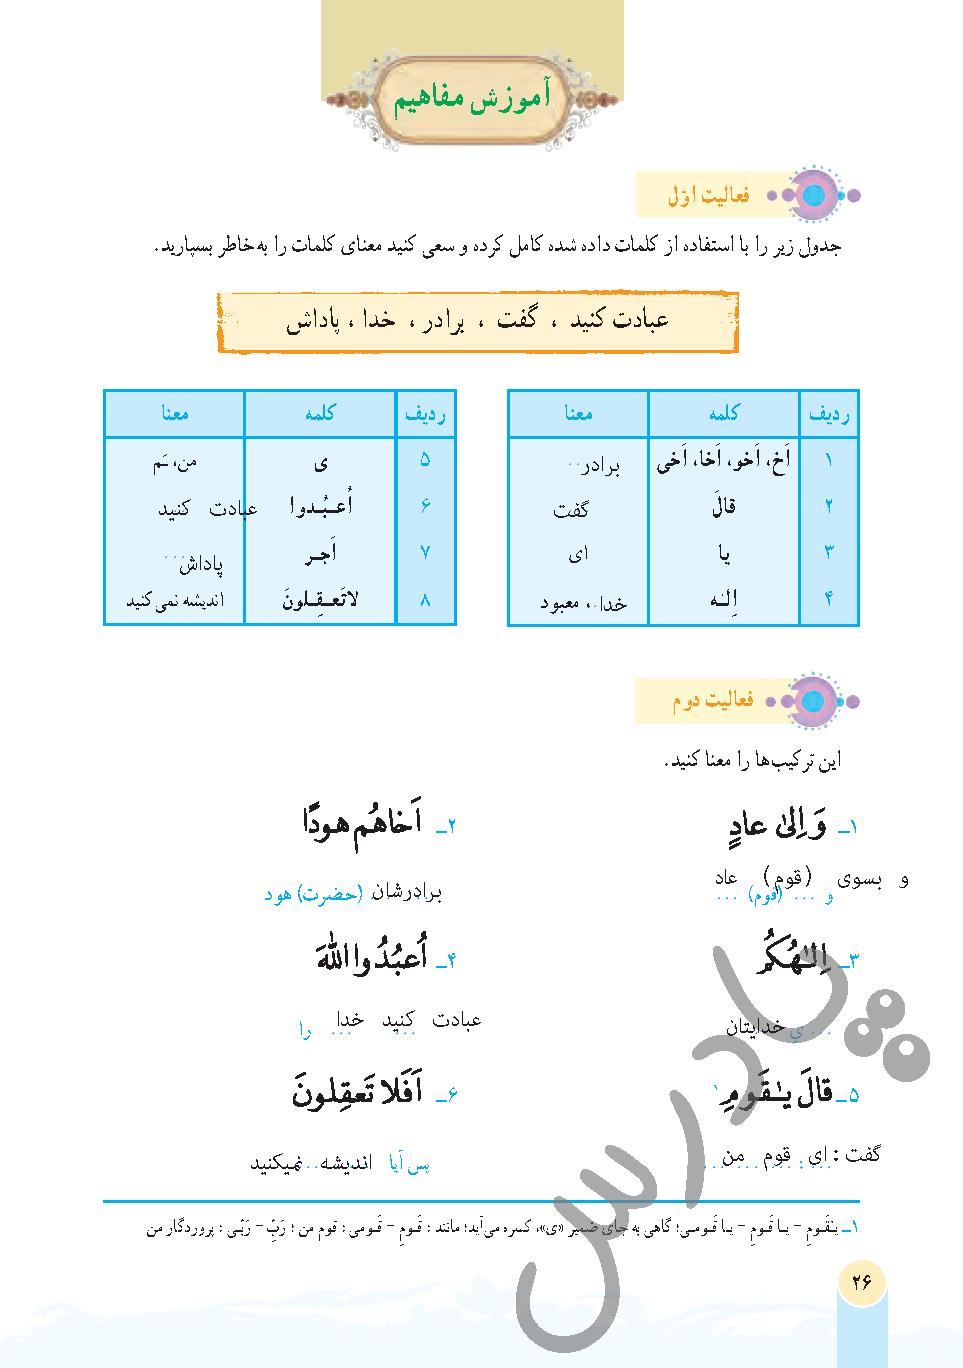 پاسخ فعالیت  درس 2 قرآن هفتم - جلسه دوم